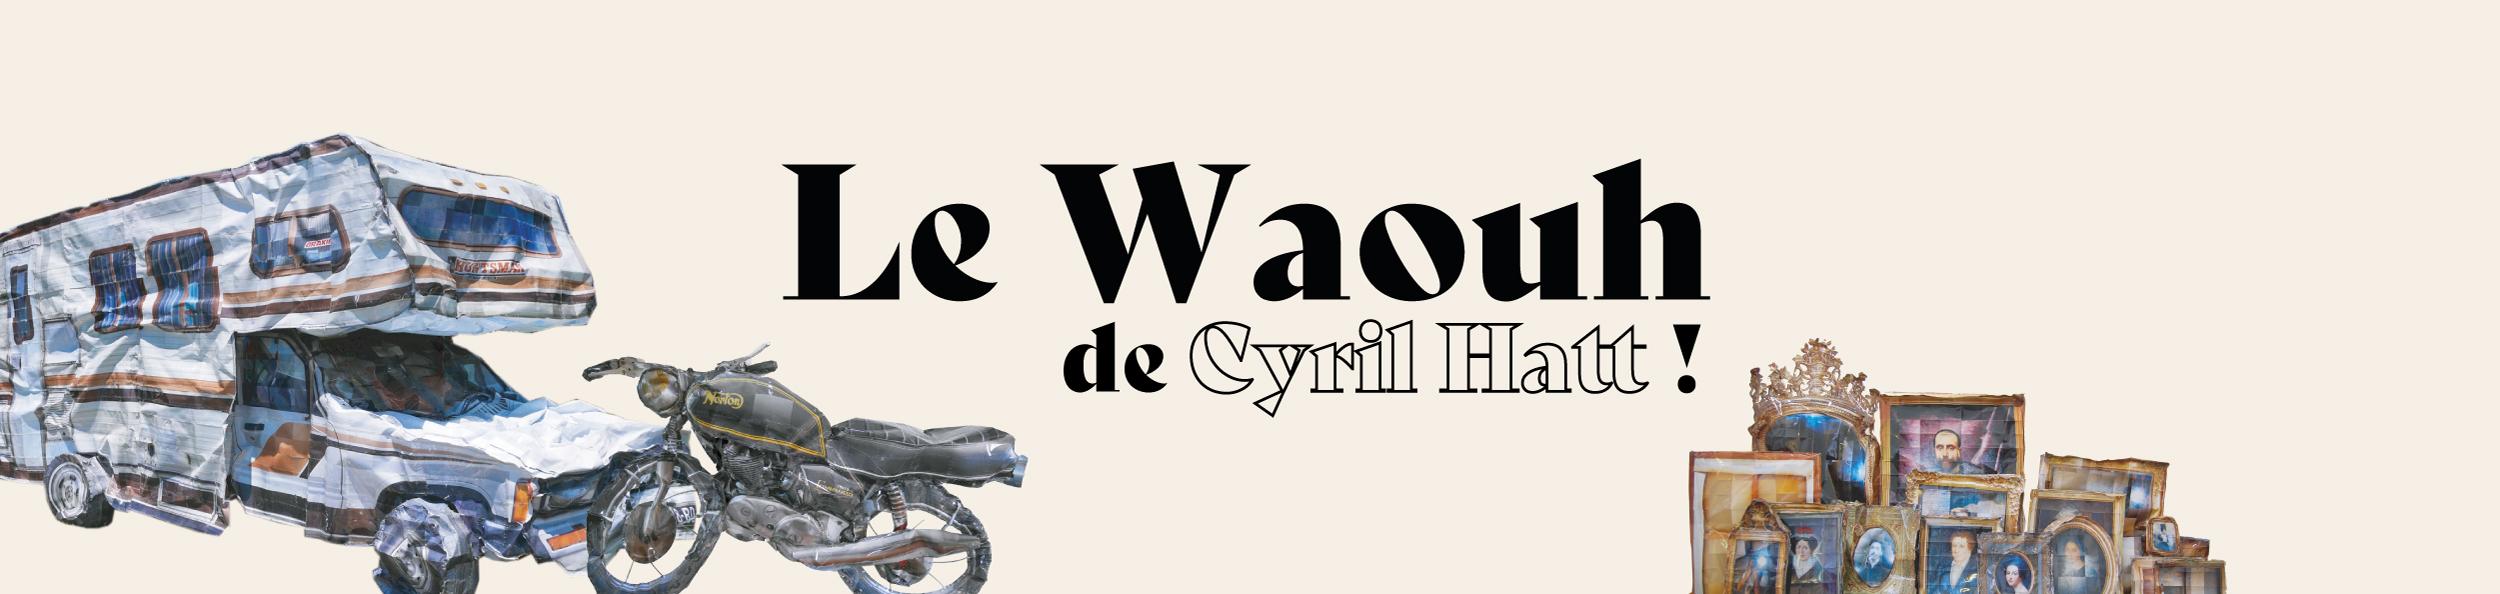 L'artiste Cyril Hatt expose ses œuvres aux Boutiques Saint Georges dès le 23 mars   !